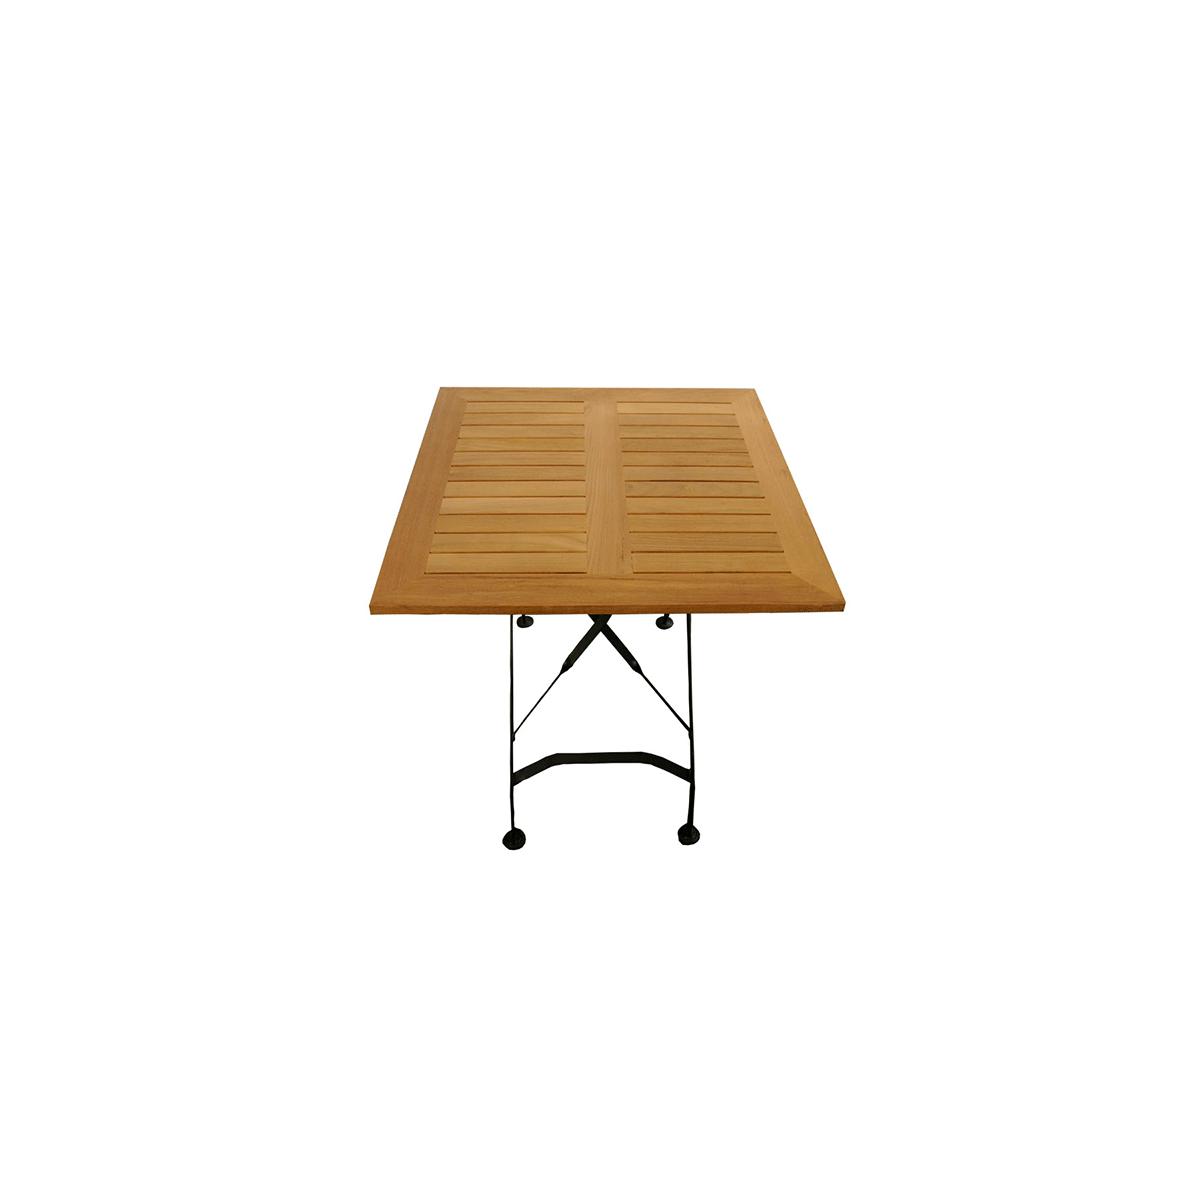 classic gartentisch klein. Black Bedroom Furniture Sets. Home Design Ideas